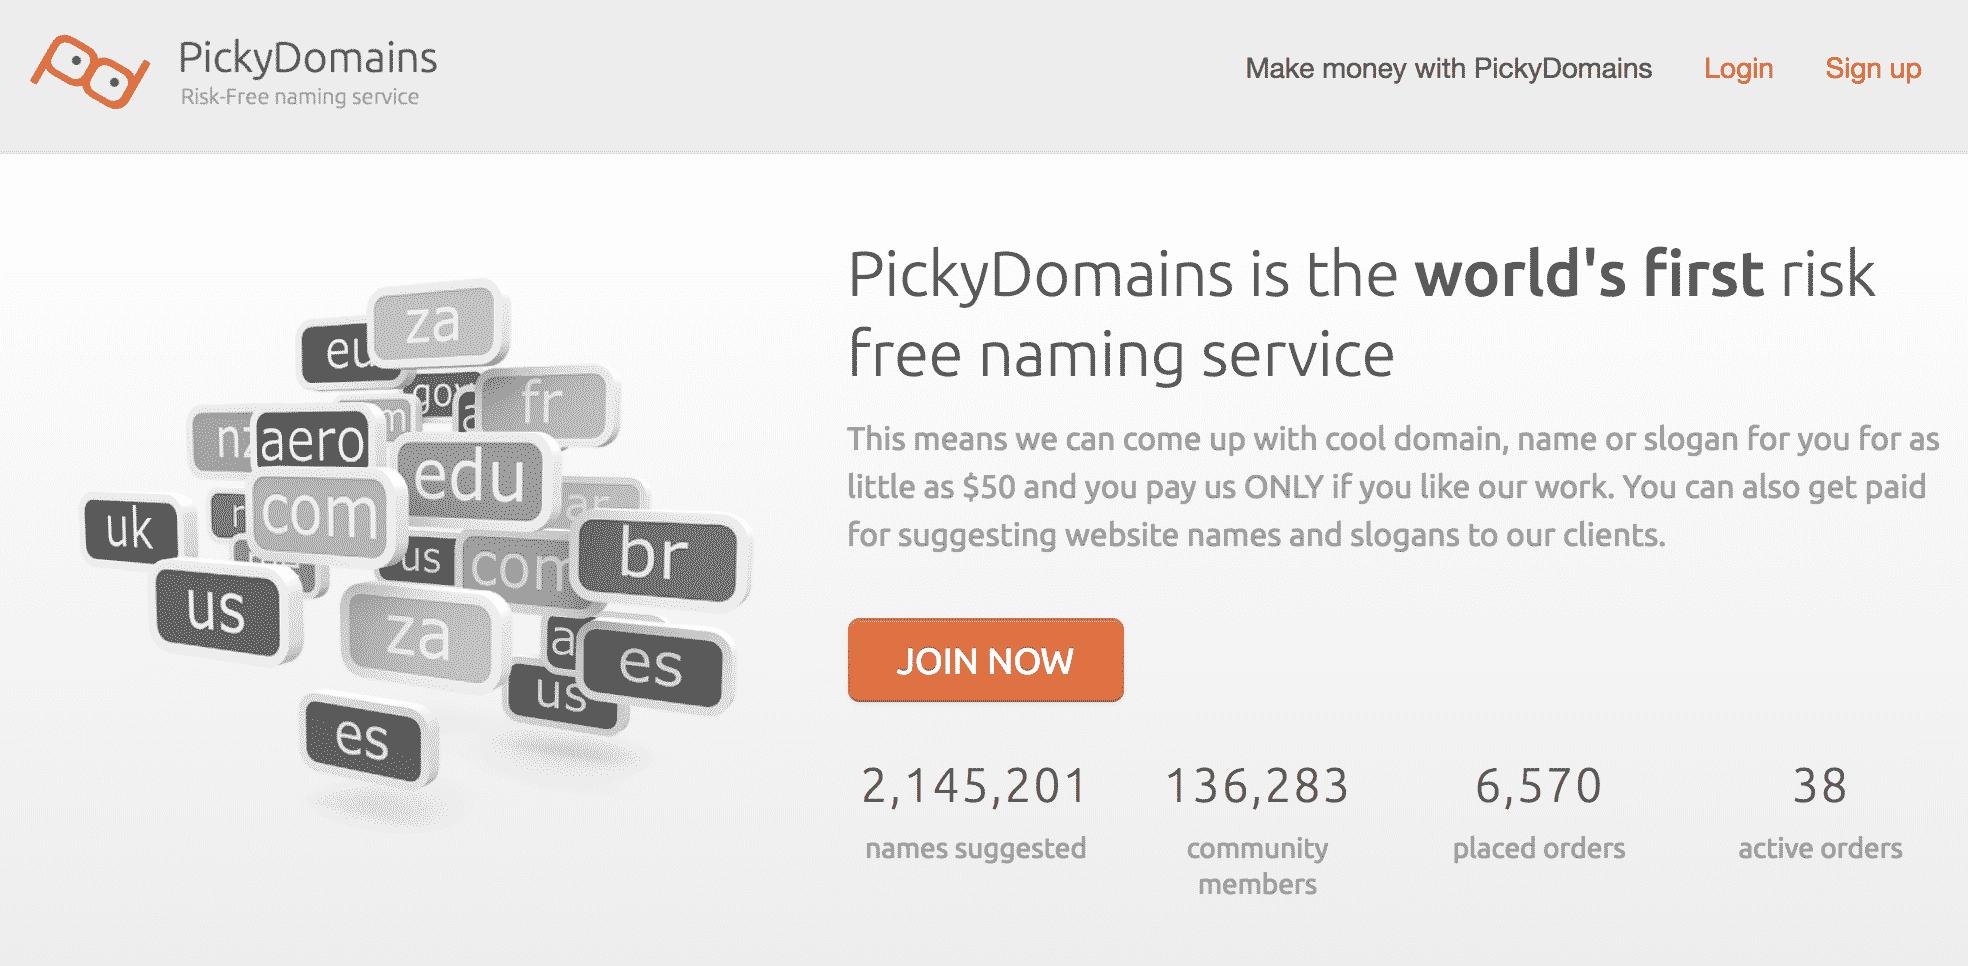 Picky Domains